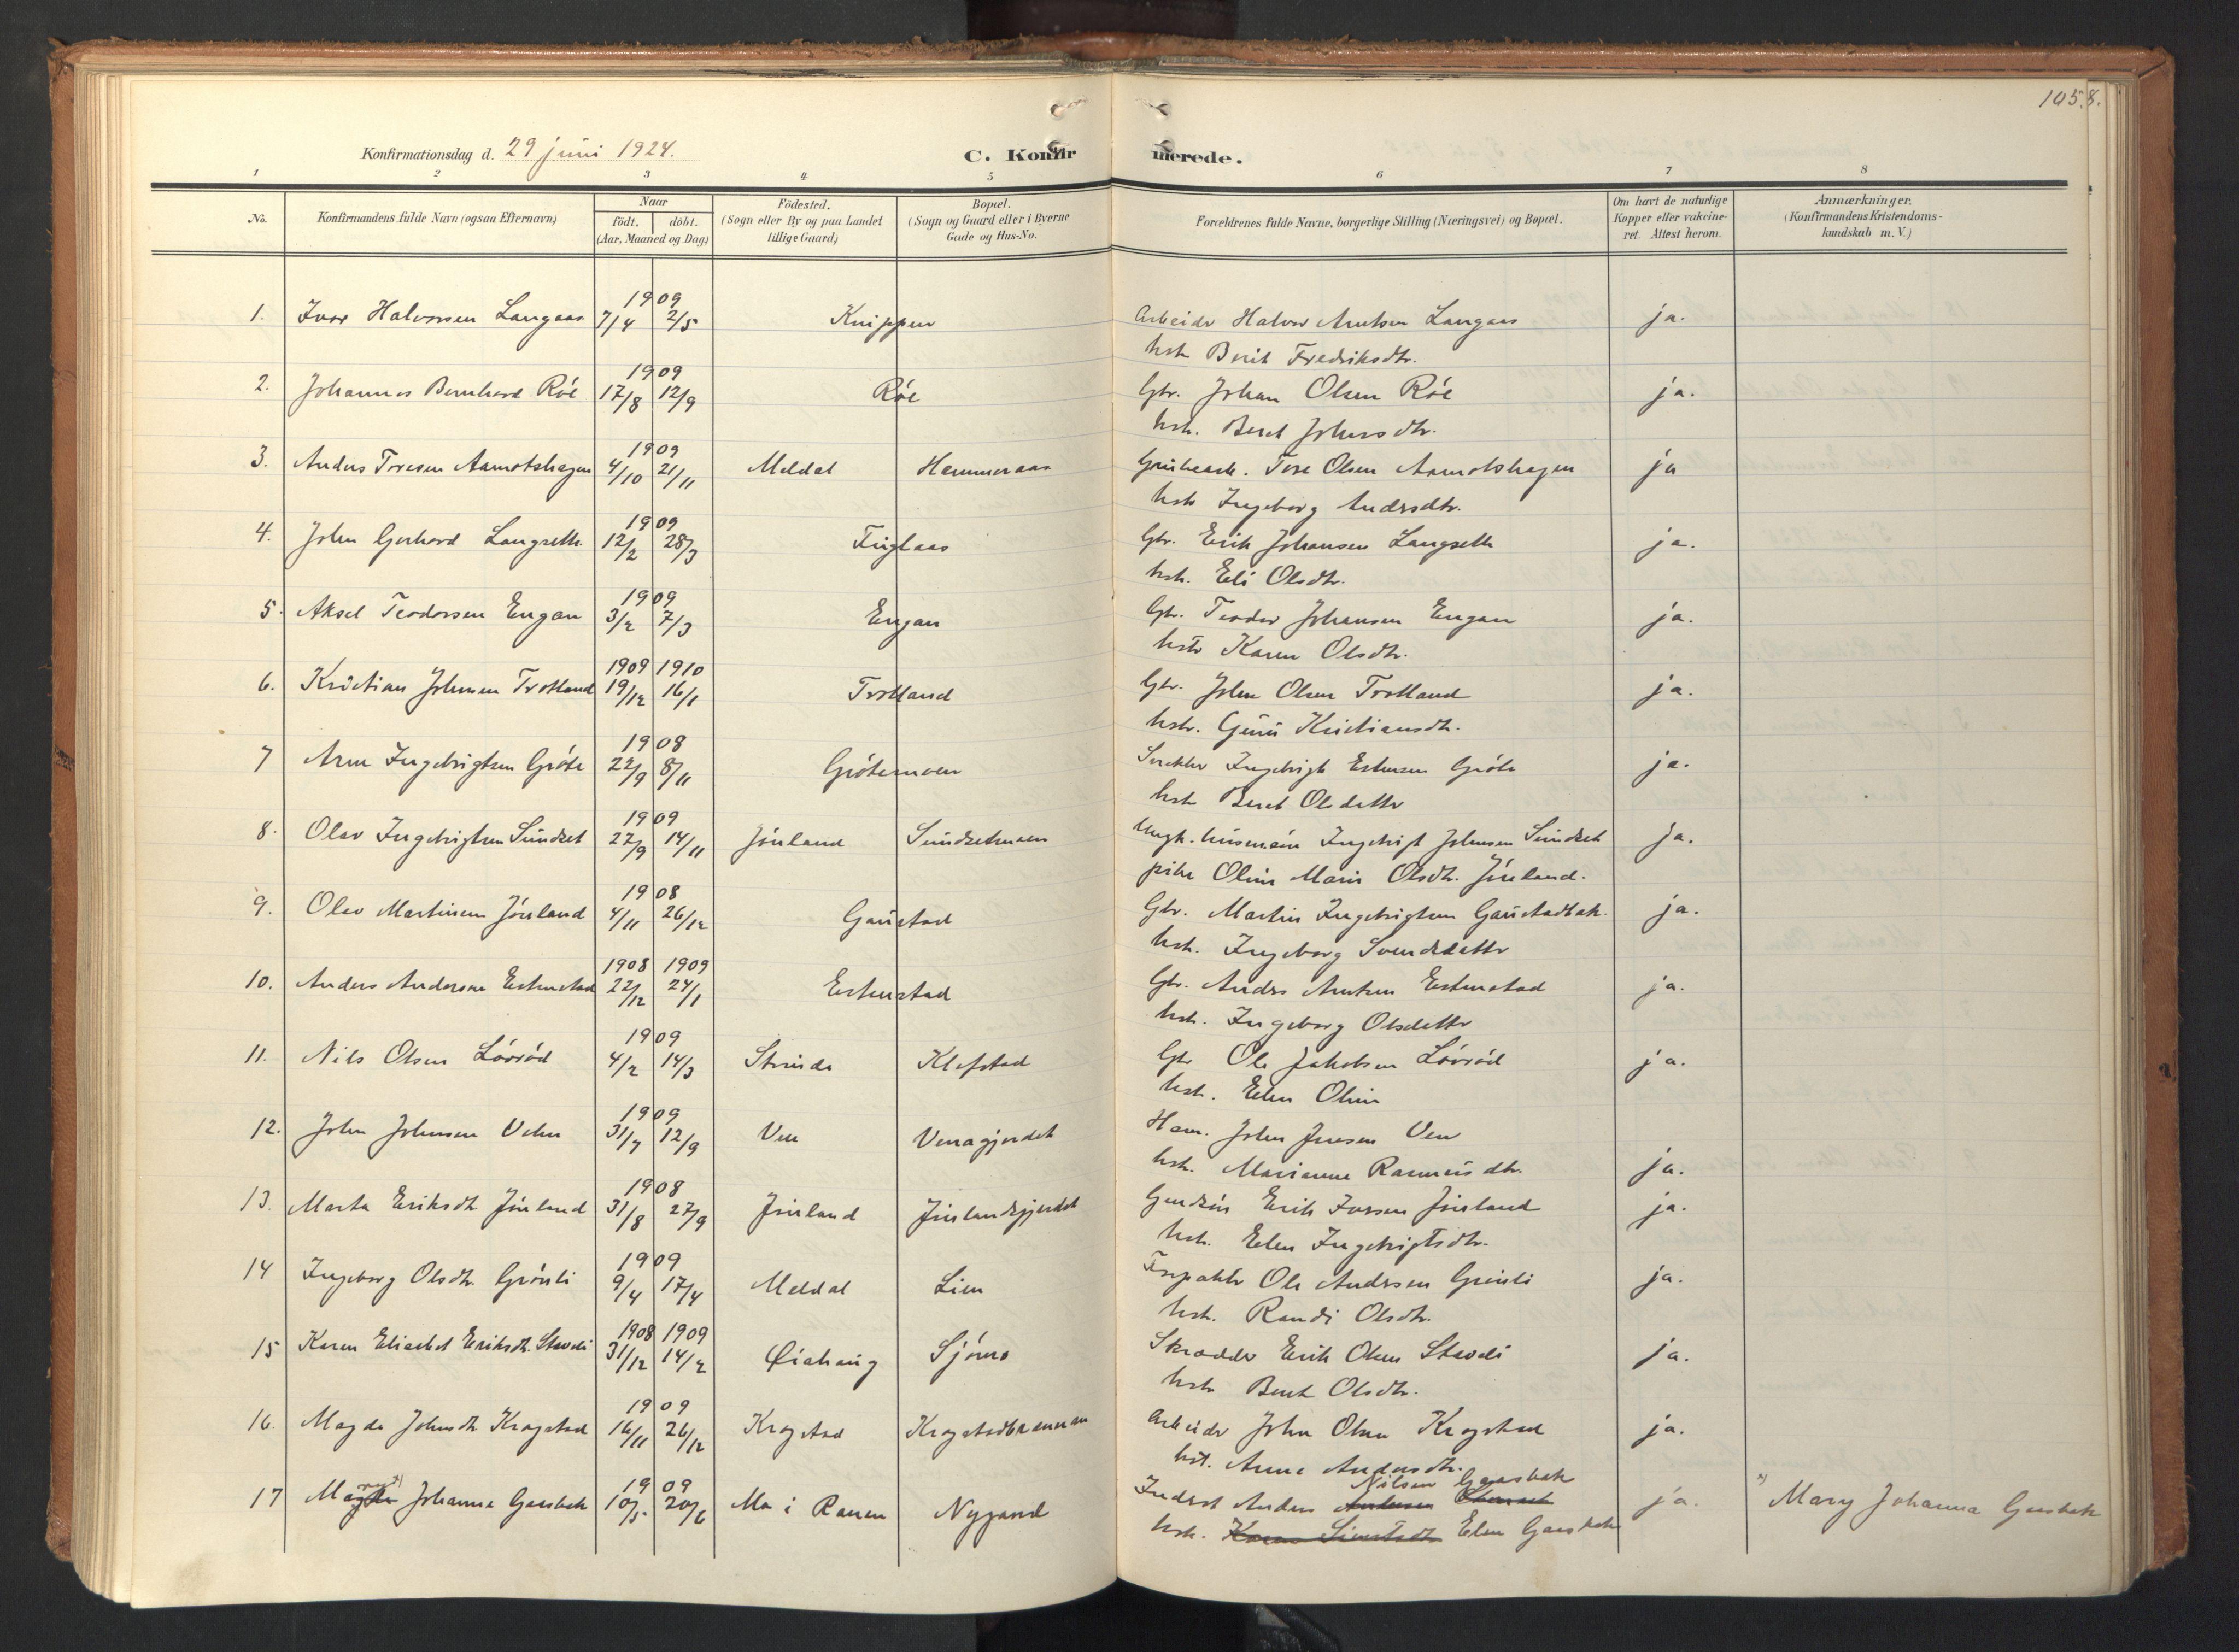 SAT, Ministerialprotokoller, klokkerbøker og fødselsregistre - Sør-Trøndelag, 694/L1128: Ministerialbok nr. 694A02, 1906-1931, s. 105